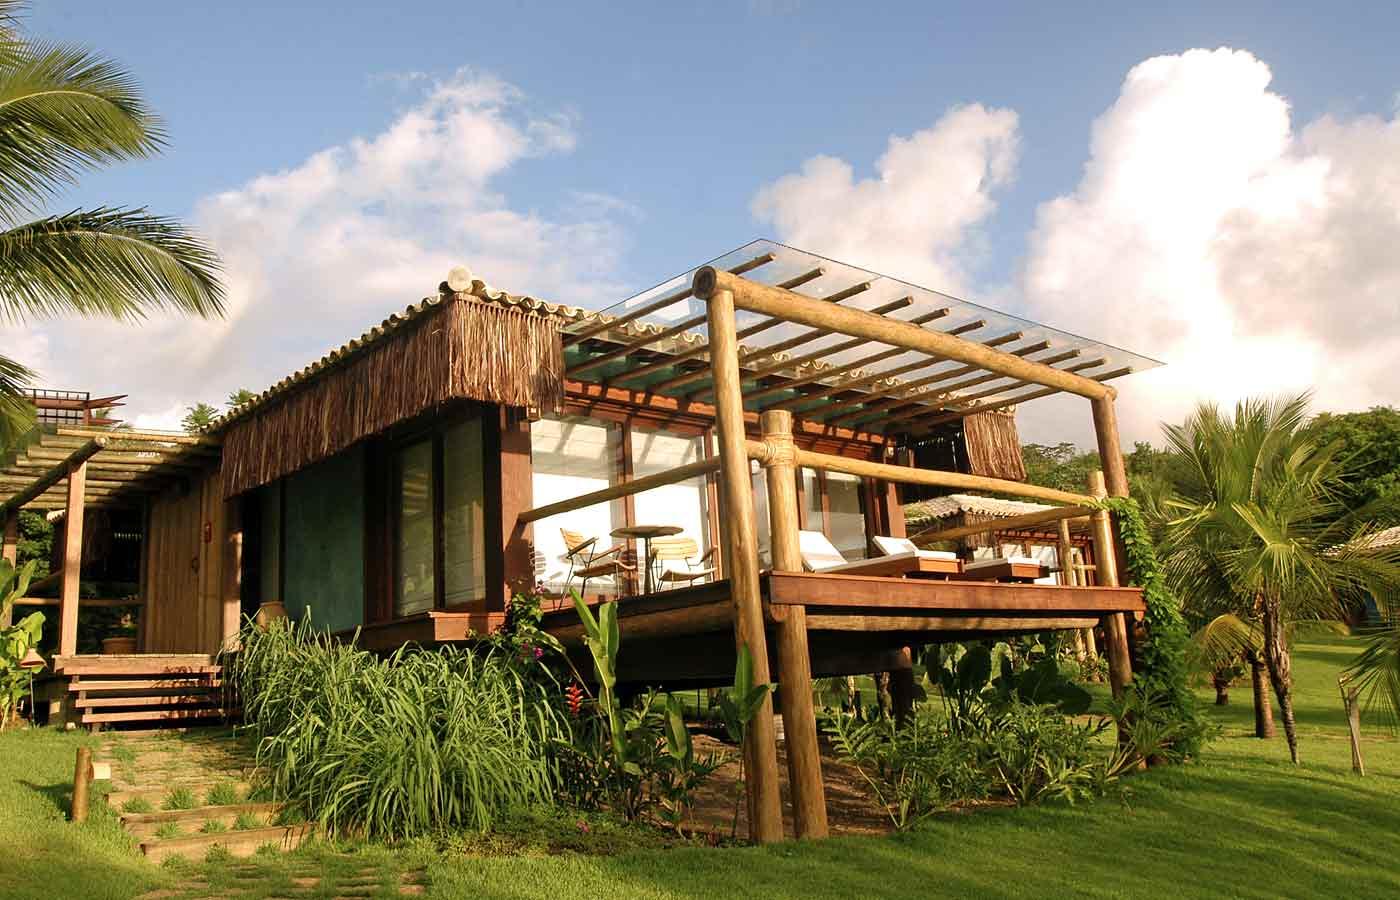 Txai Resort - Luxury Beach Resort in Bahia, Brazil